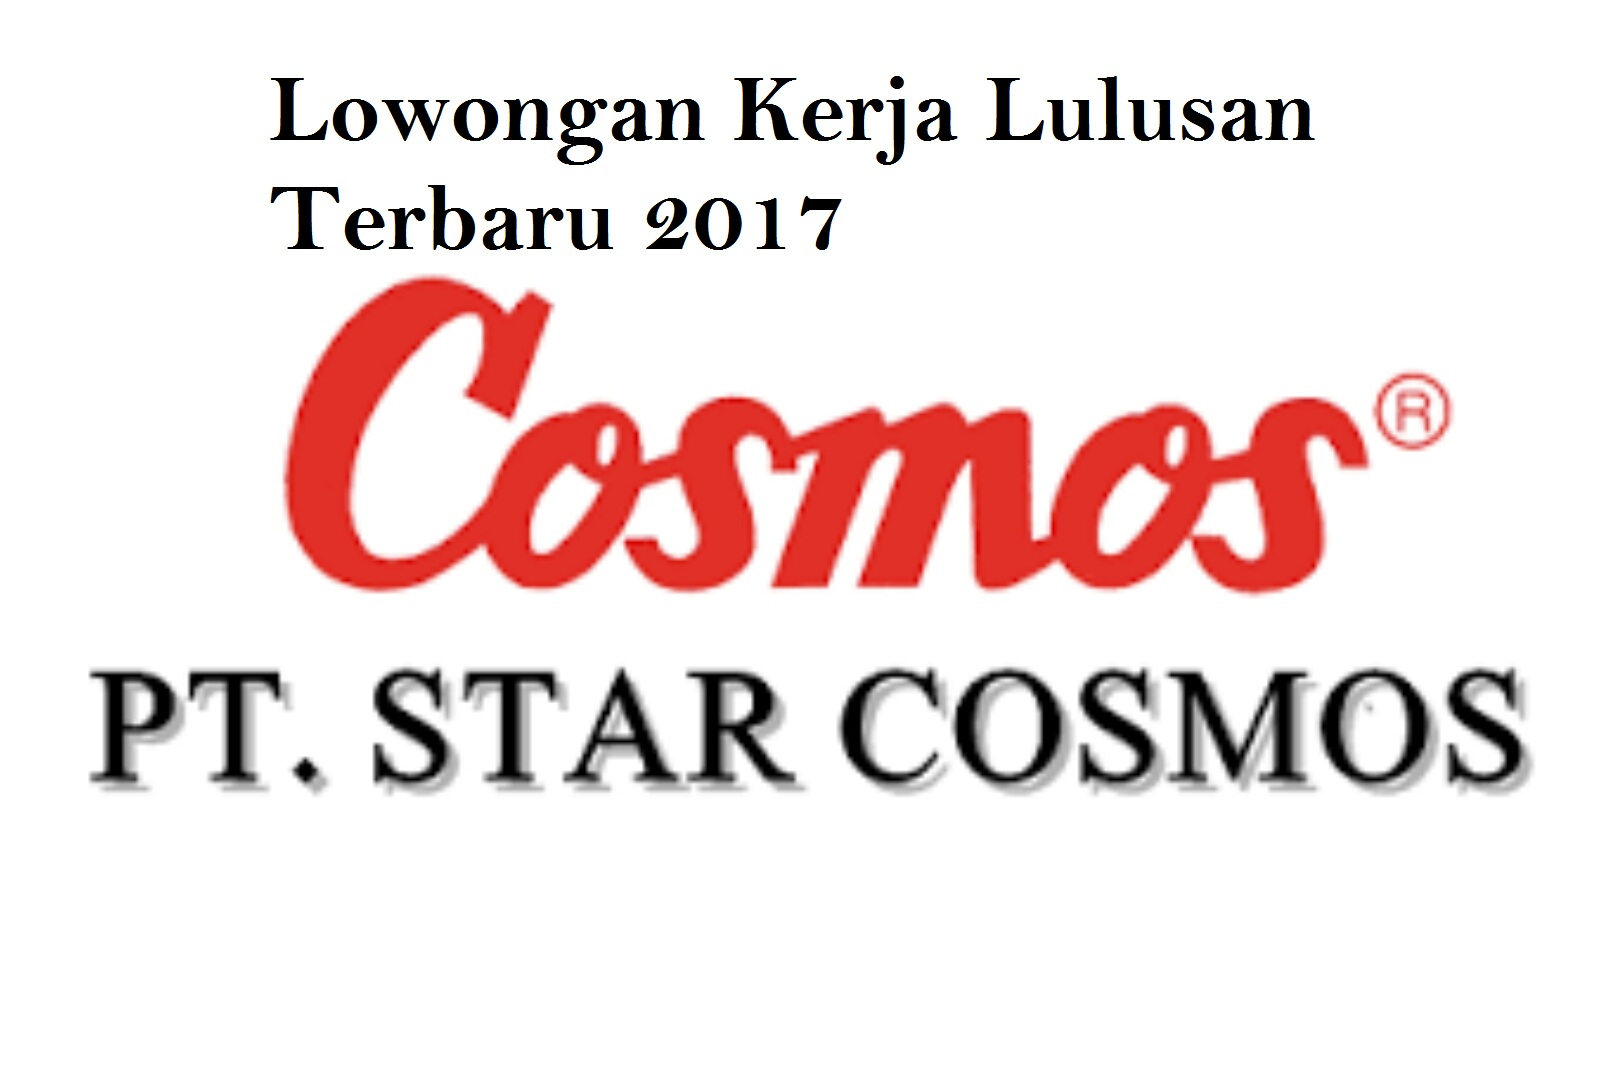 Lowongan Kerja Terbaru Bulan Agustus 2017 Tingkat Smk Sma PT.Cosmos Makmur Indonesia